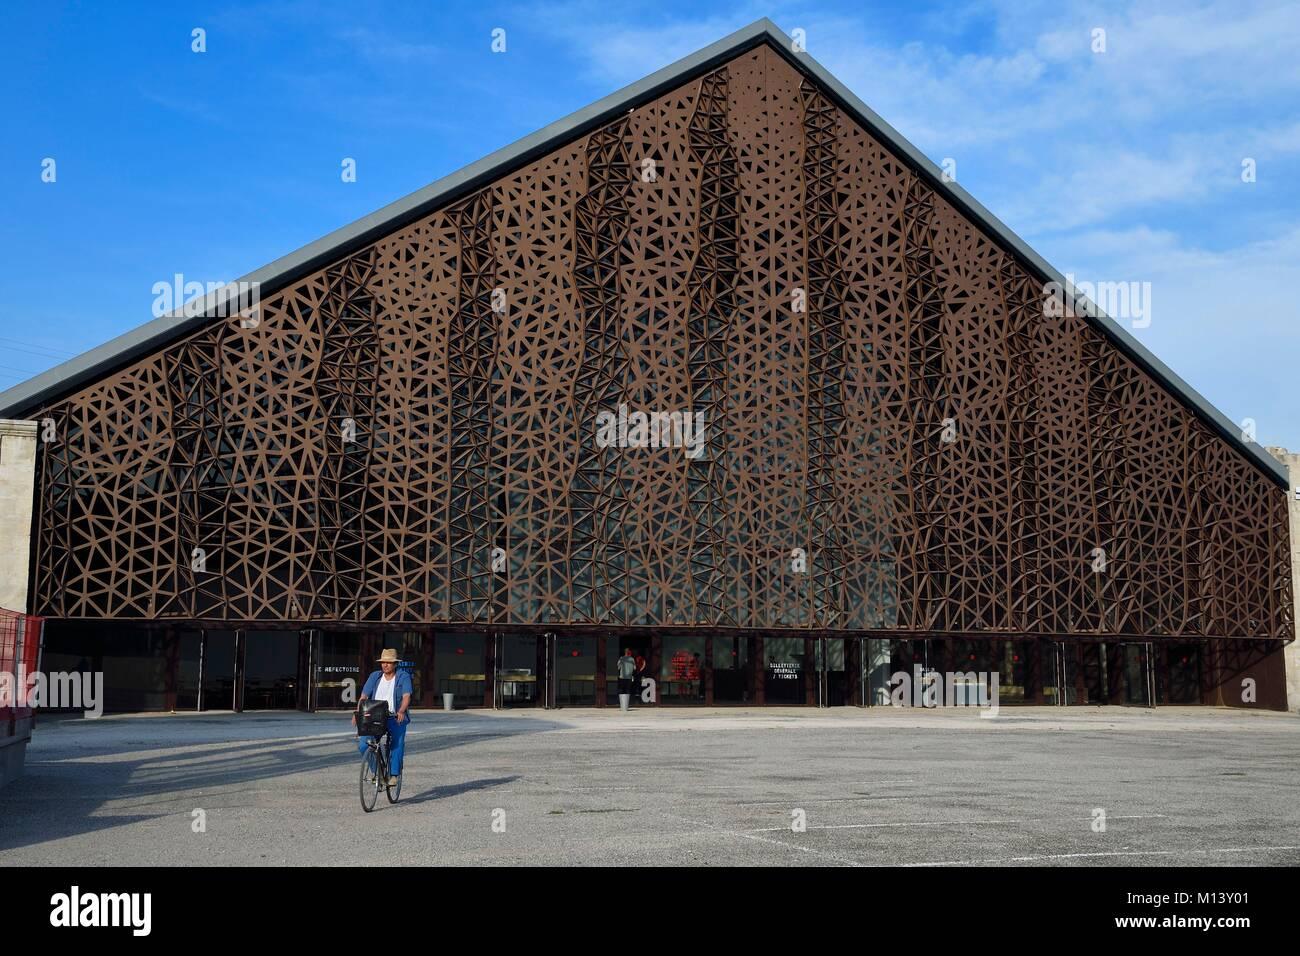 Frankreich, Bouches-du-Rhone, Arles, LUMA Foundation, experimentelle kulturellen Komplex, Grande Halle durch einen Stockbild